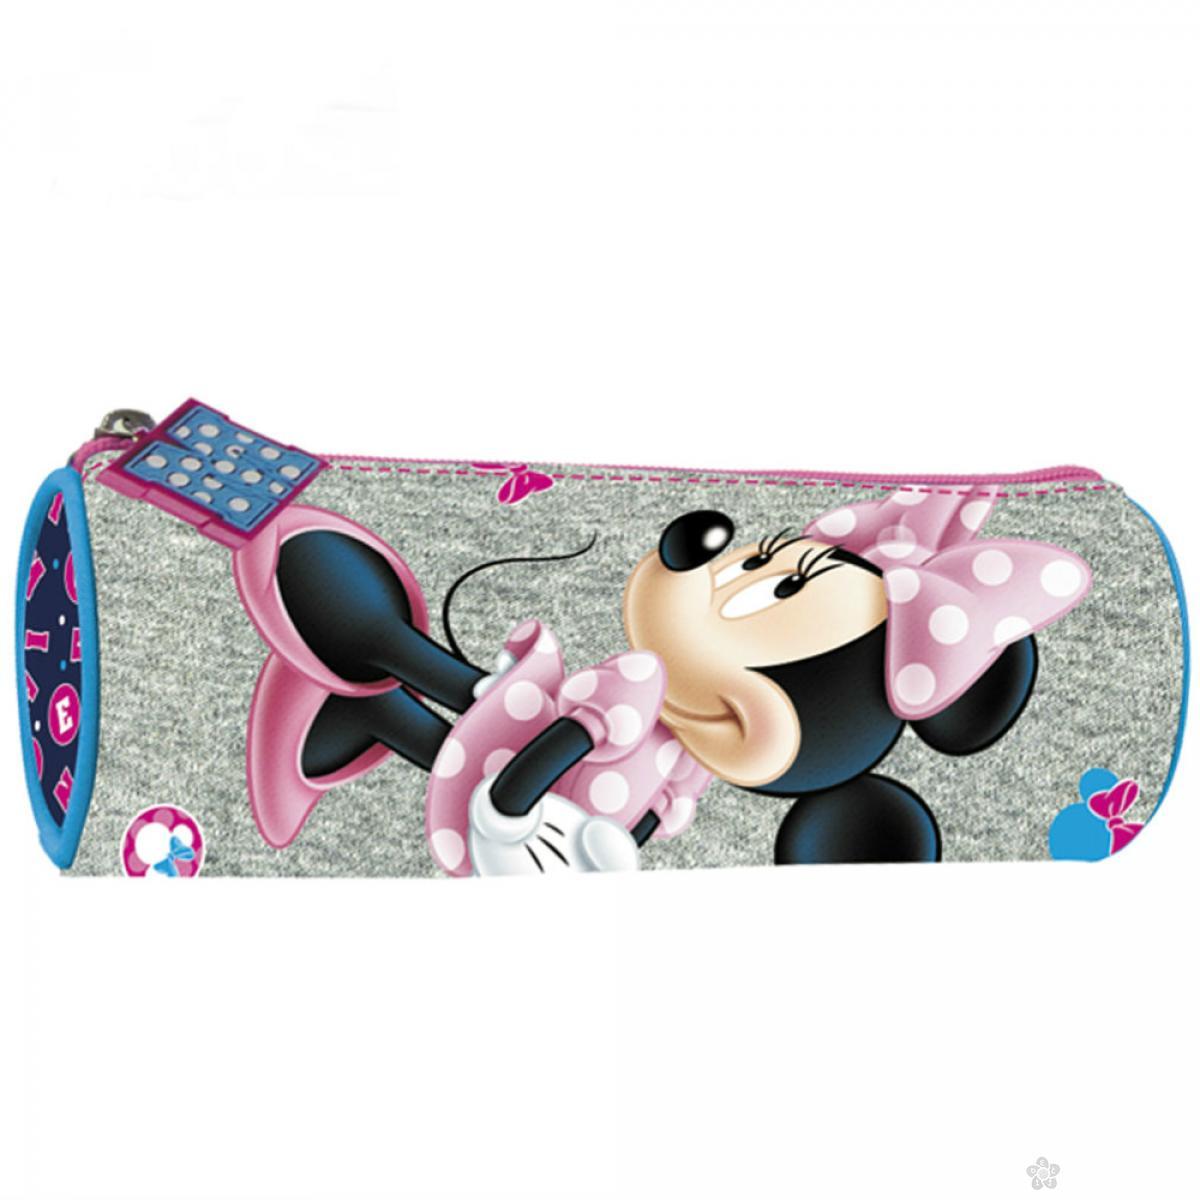 Okrugla pernica Minnie Mouse, PTMM21